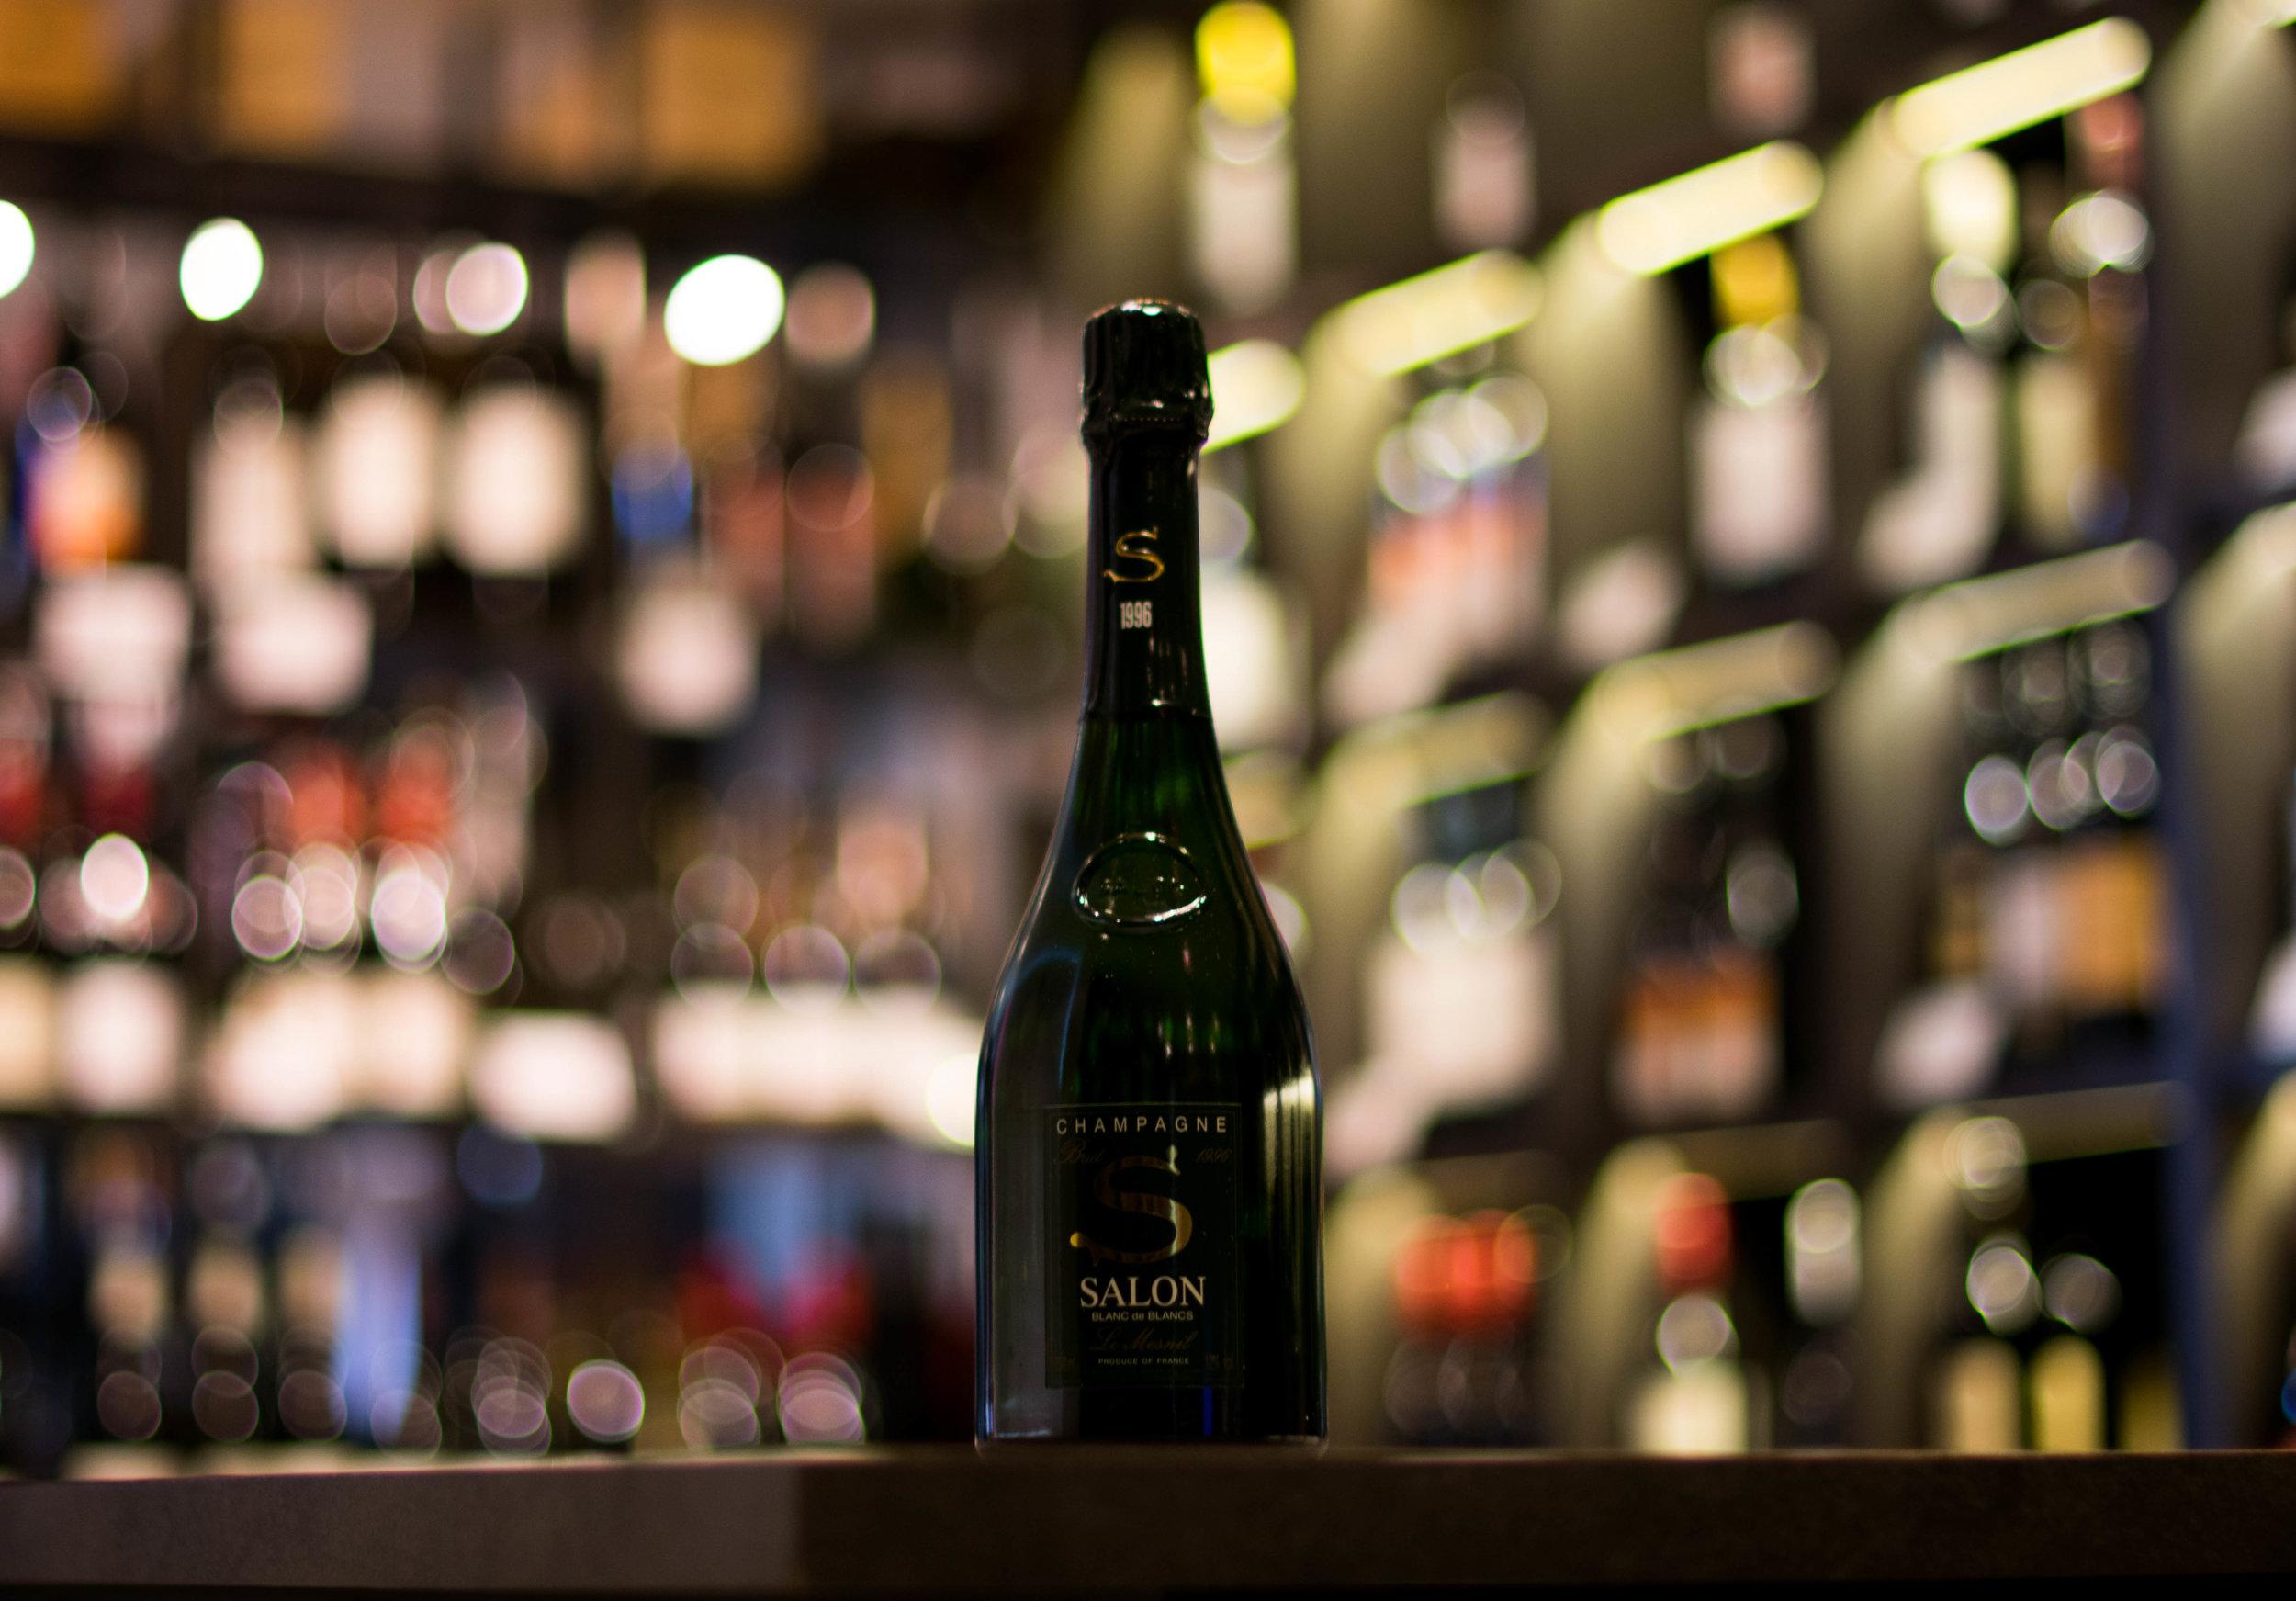 Salon 1996 Champagne